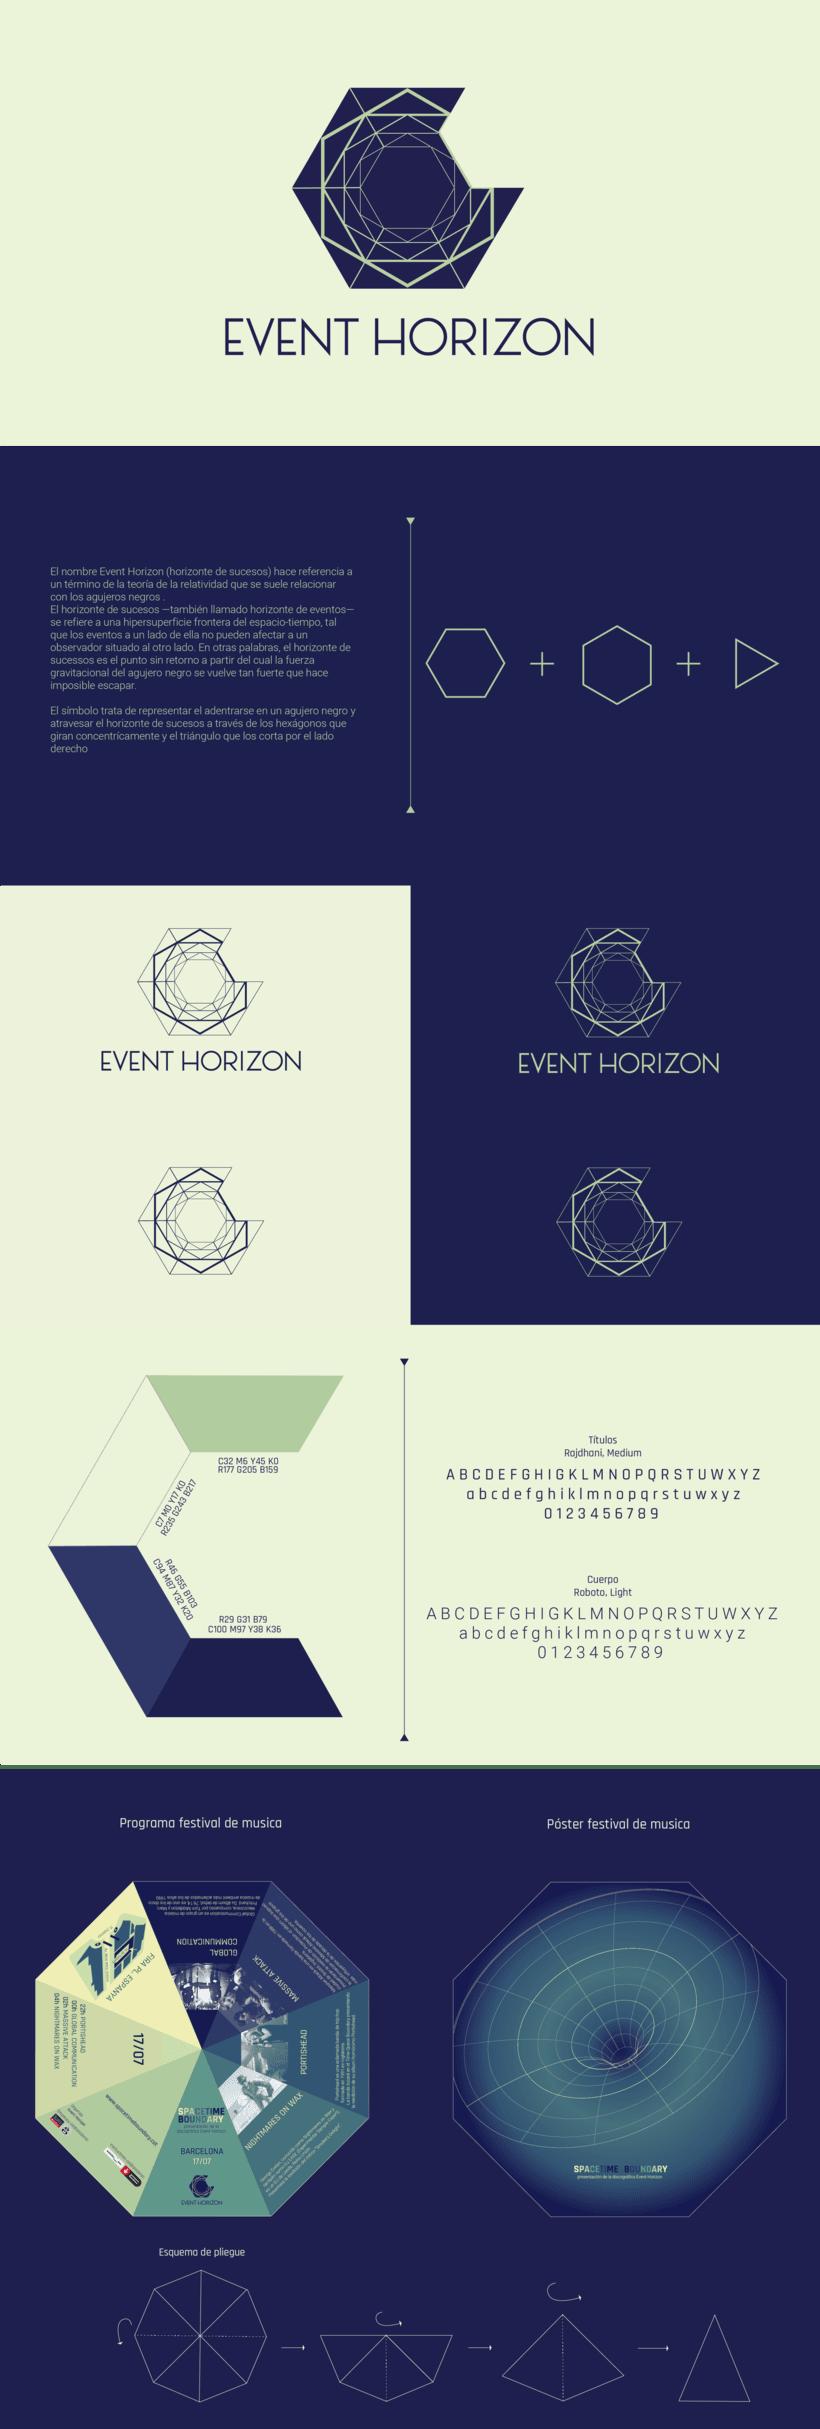 Identidad Corporativa: Event Horizon 0